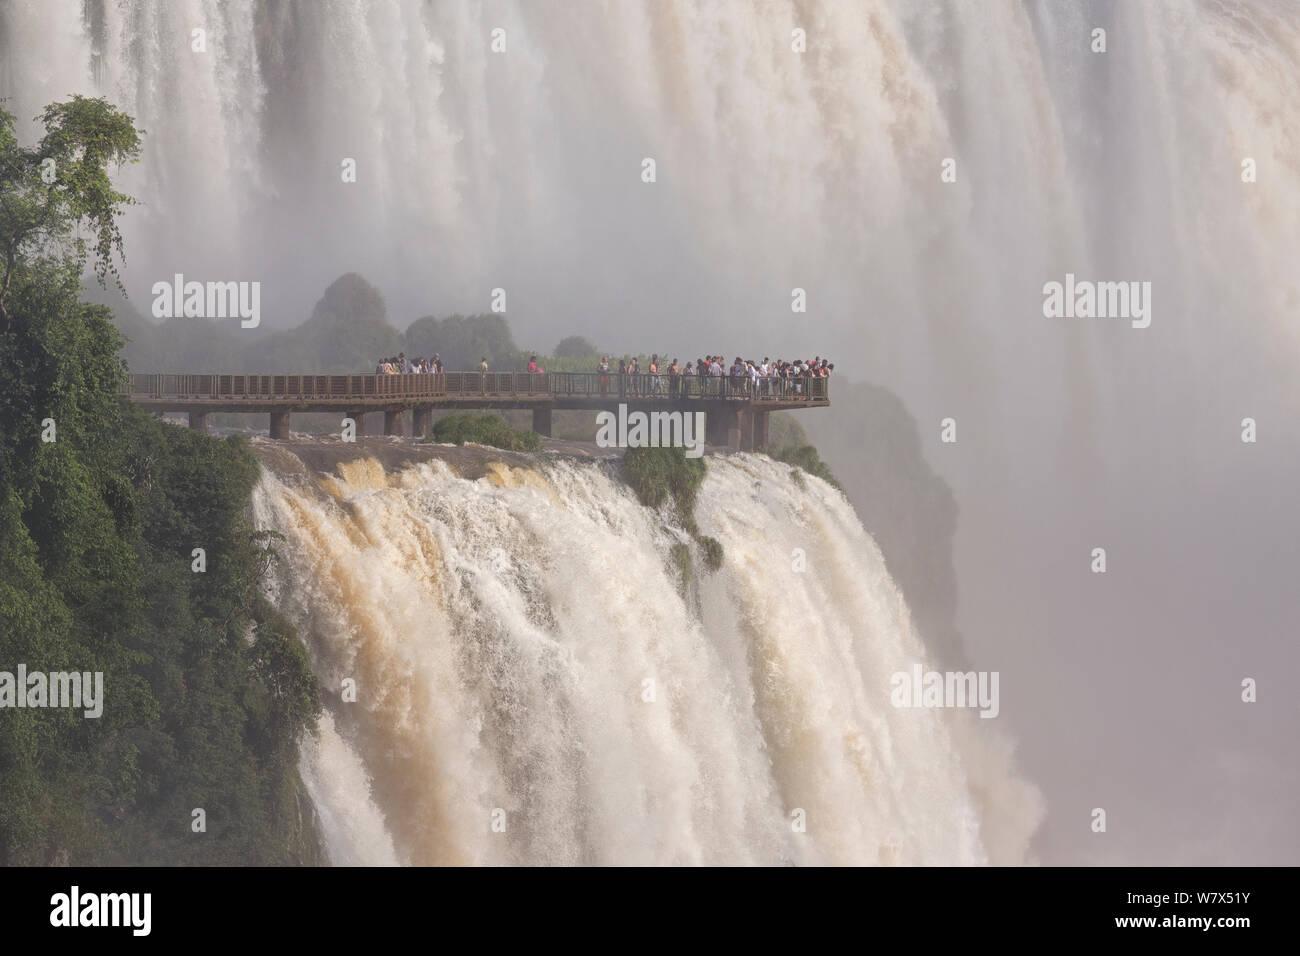 Las Cataratas de Iguazú y los turistas en plataforma de visualización, las Cataratas del Iguazú, Parque Nacional de Iguazú, Brasil, en enero de 2014. Foto de stock